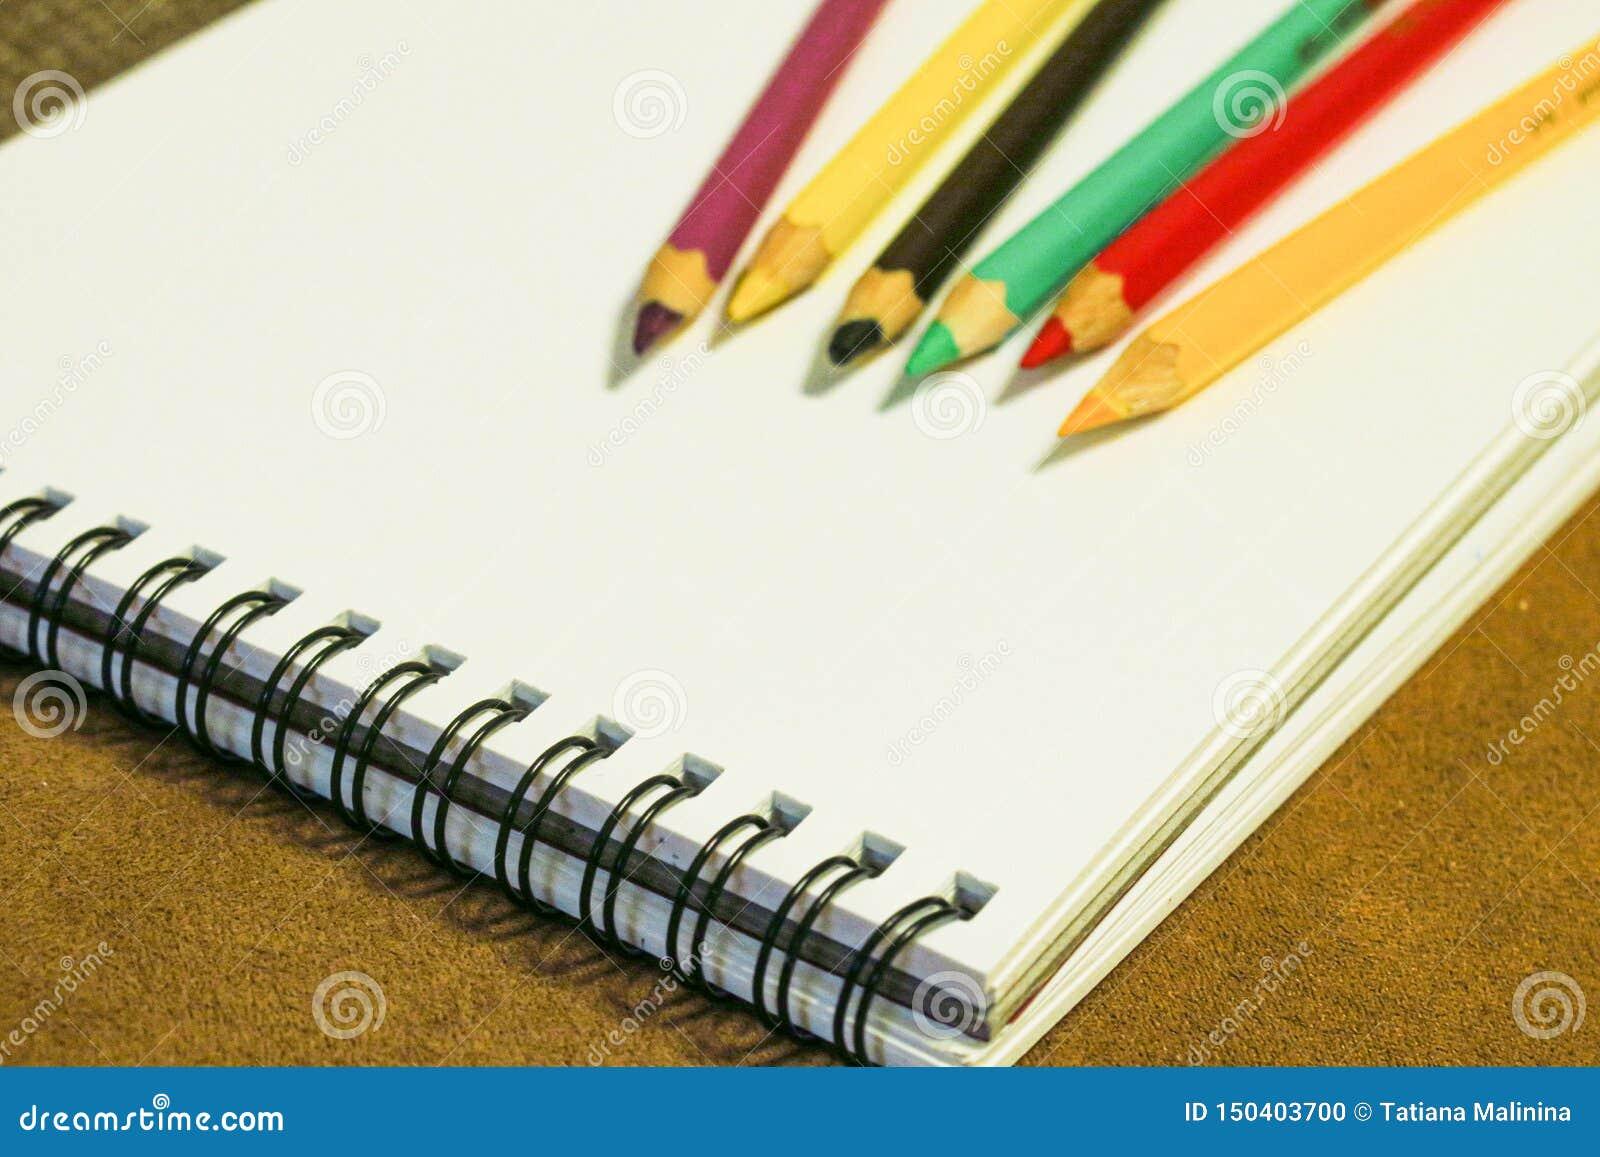 Leeres Notizbuch und bunte Bleistifte auf braunem Hintergrund, malendes Material